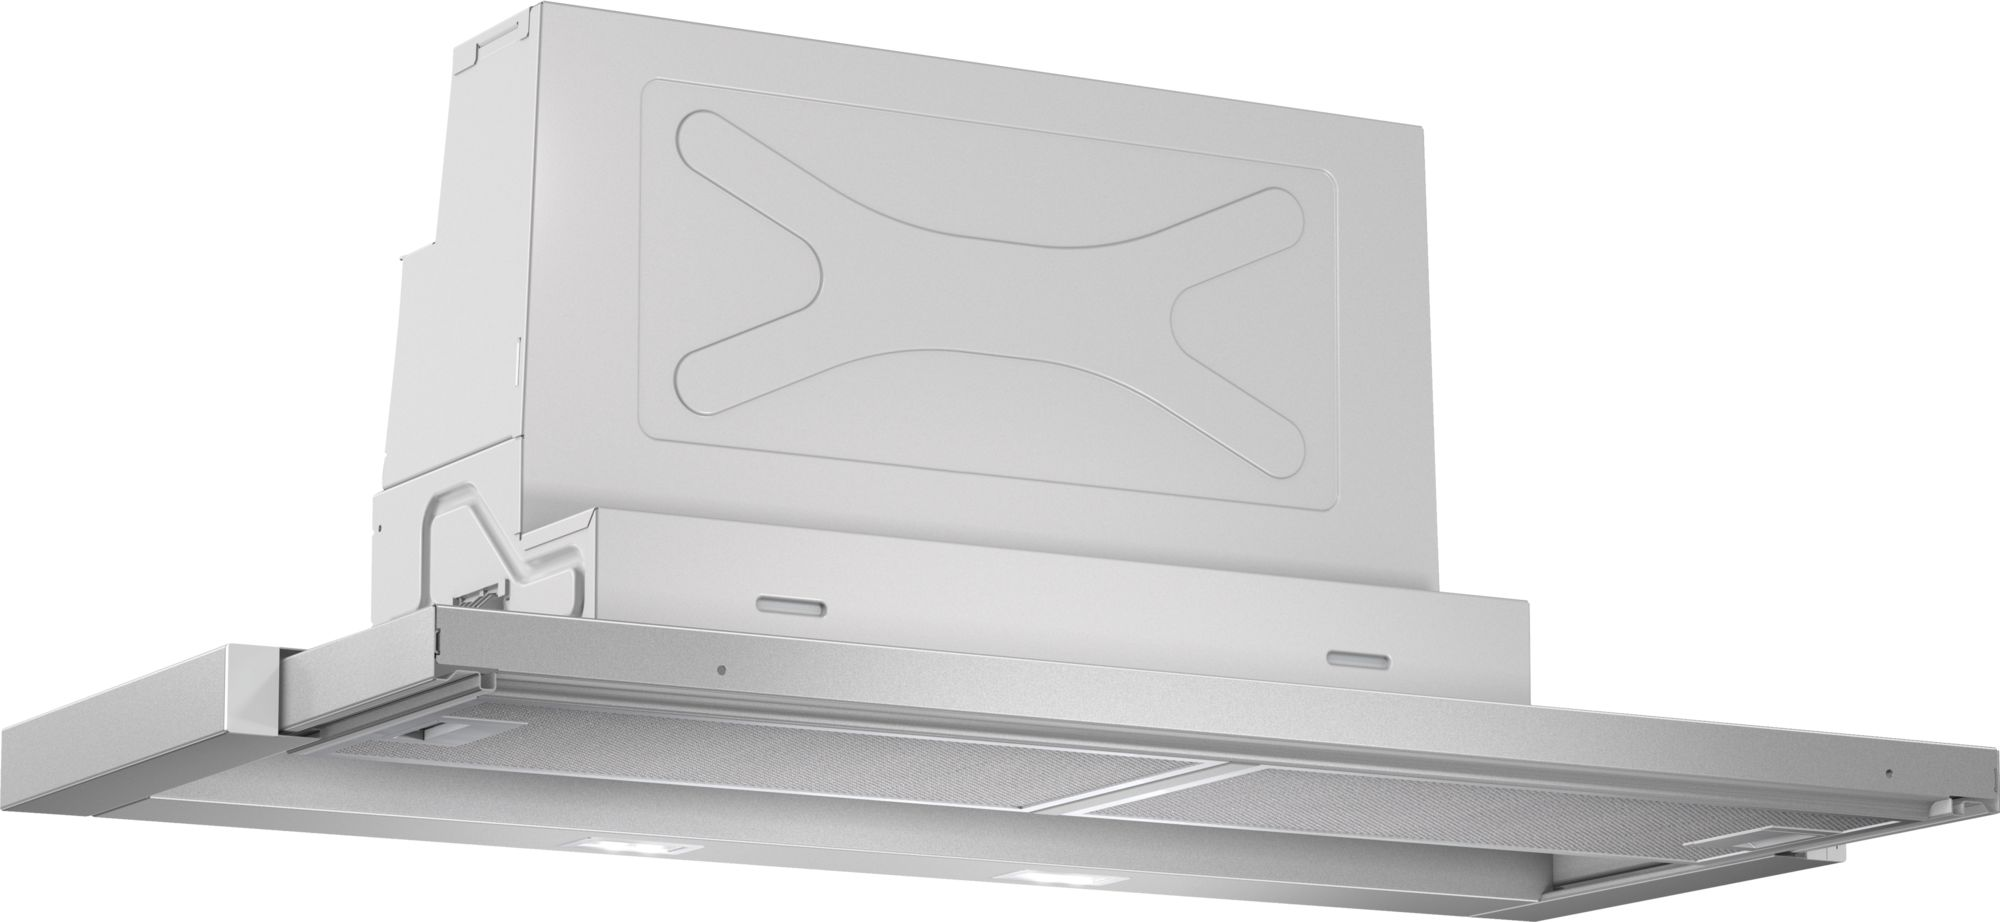 Serie | 4 Ugradni aspirator na izvlačenje, 90 cm